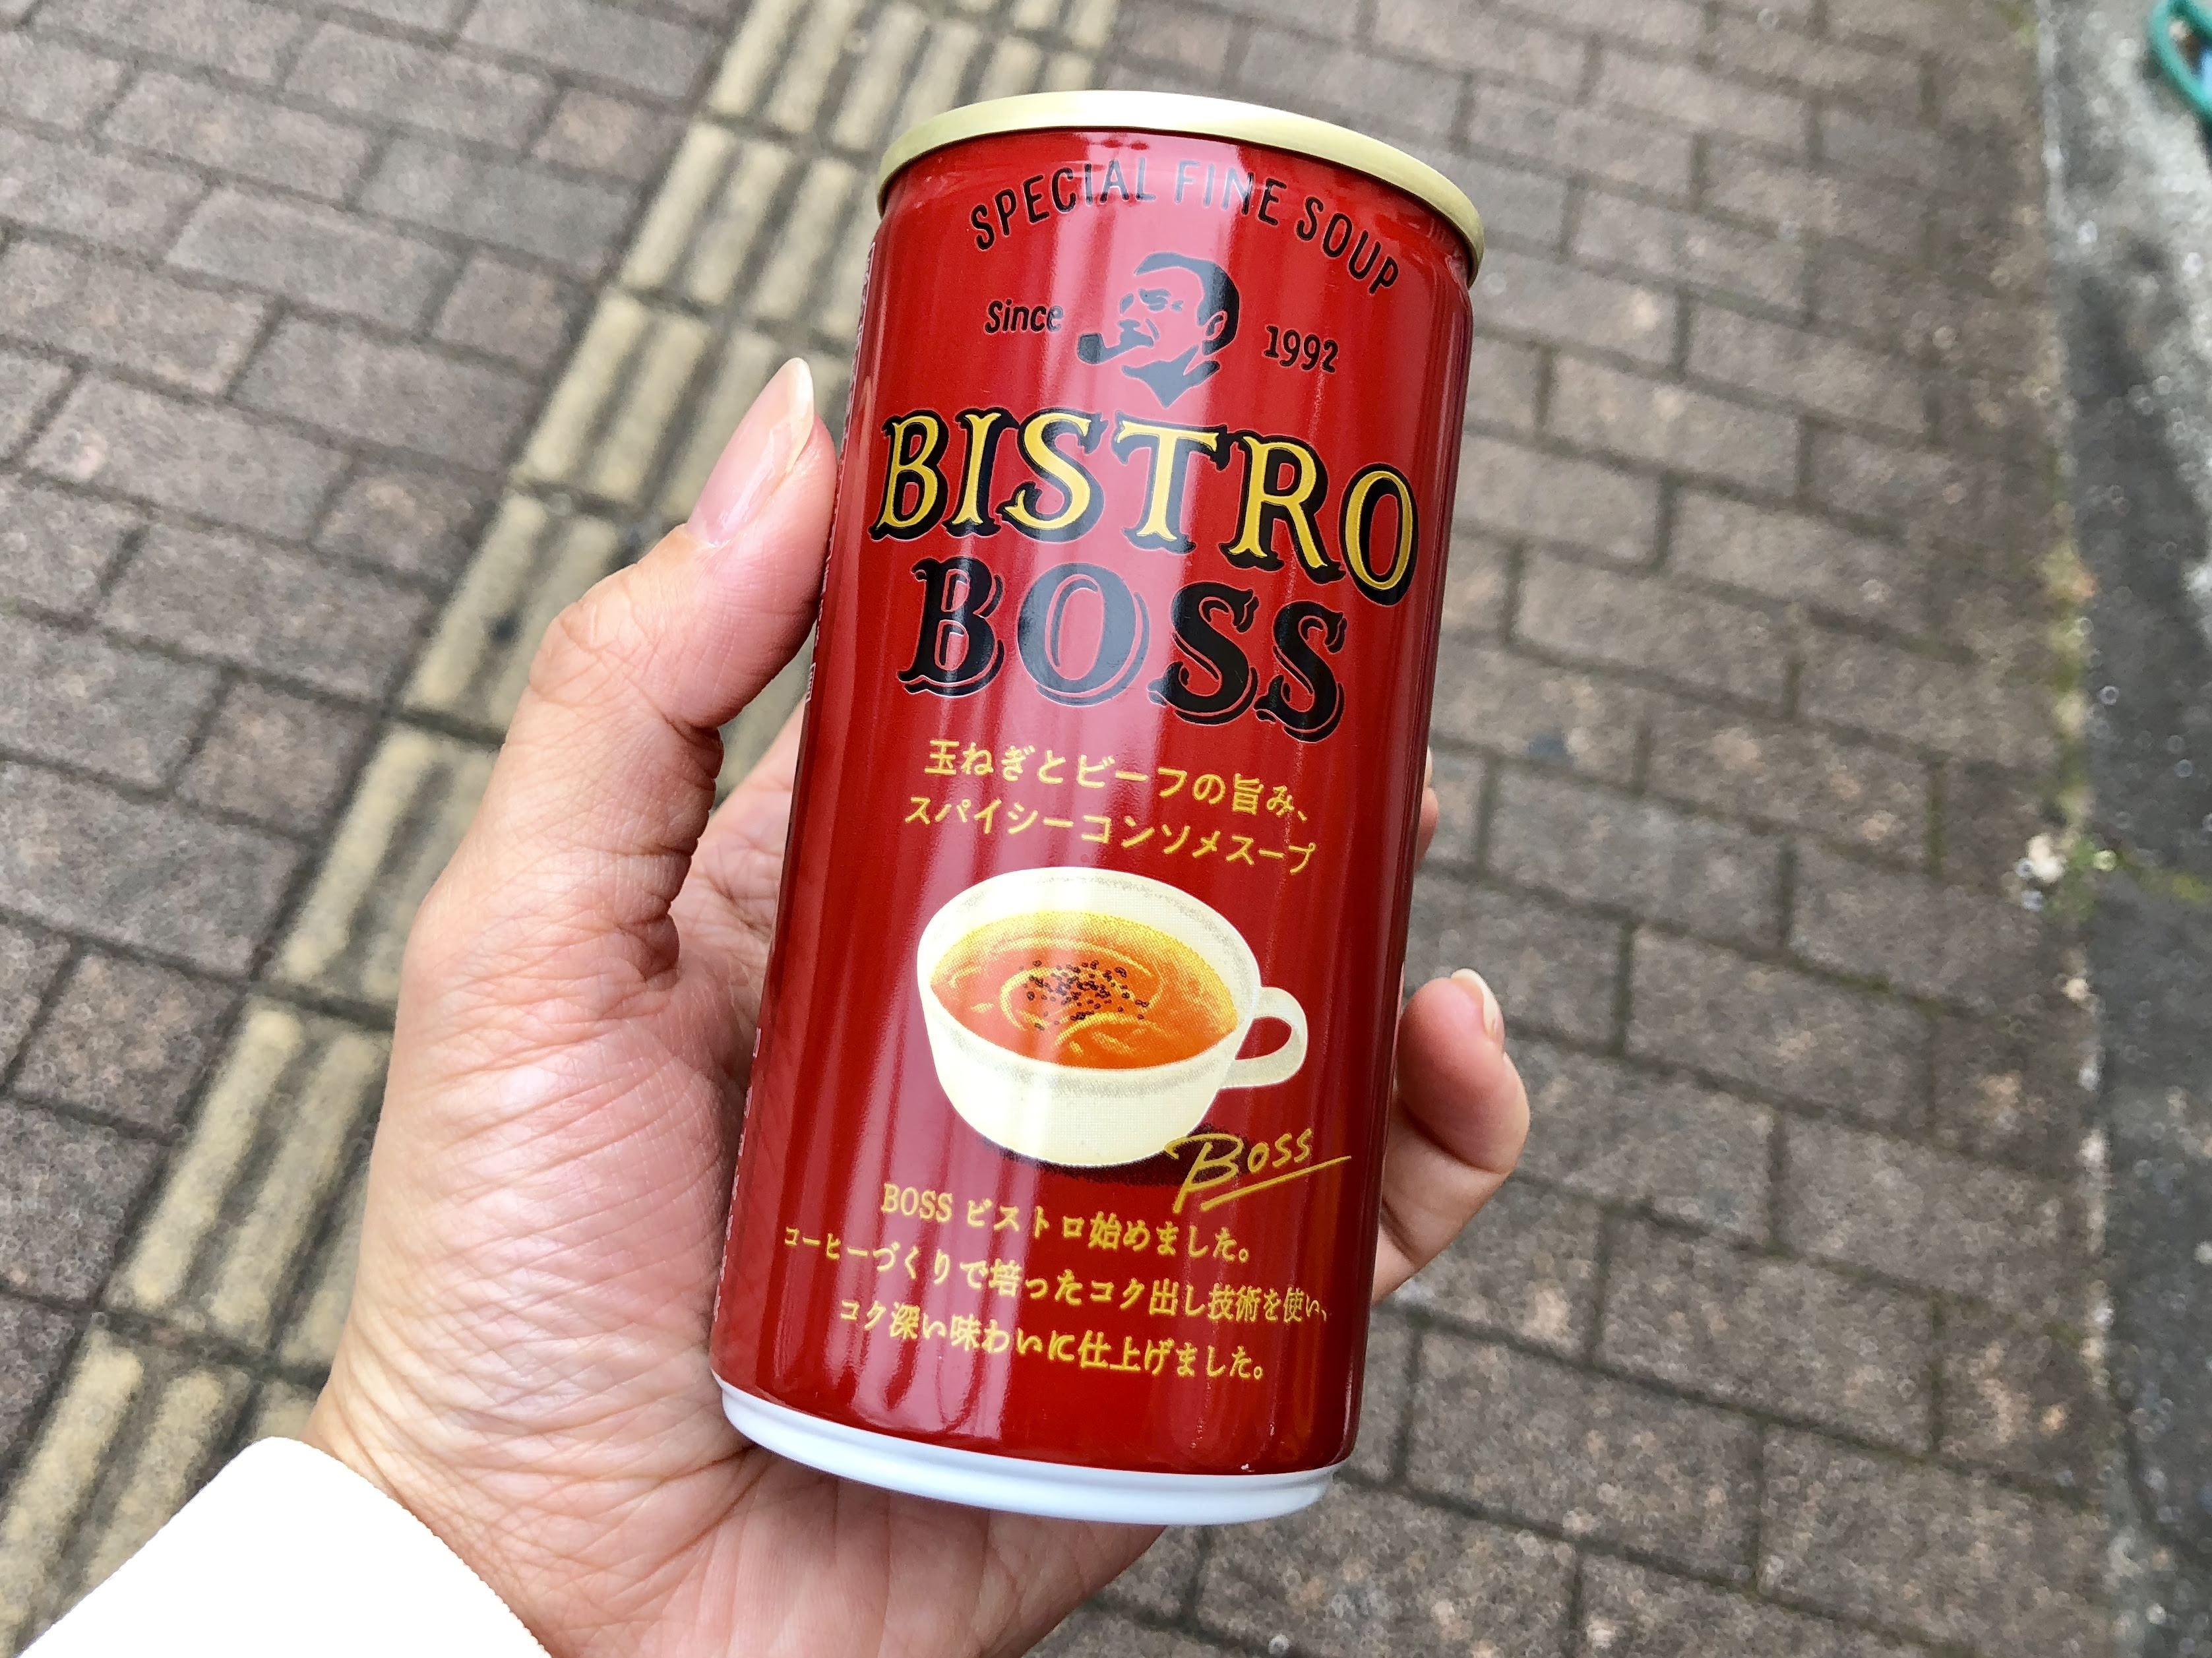 あなたはどっち派?めでたい紅白の新商品「BISTRO BOSS」